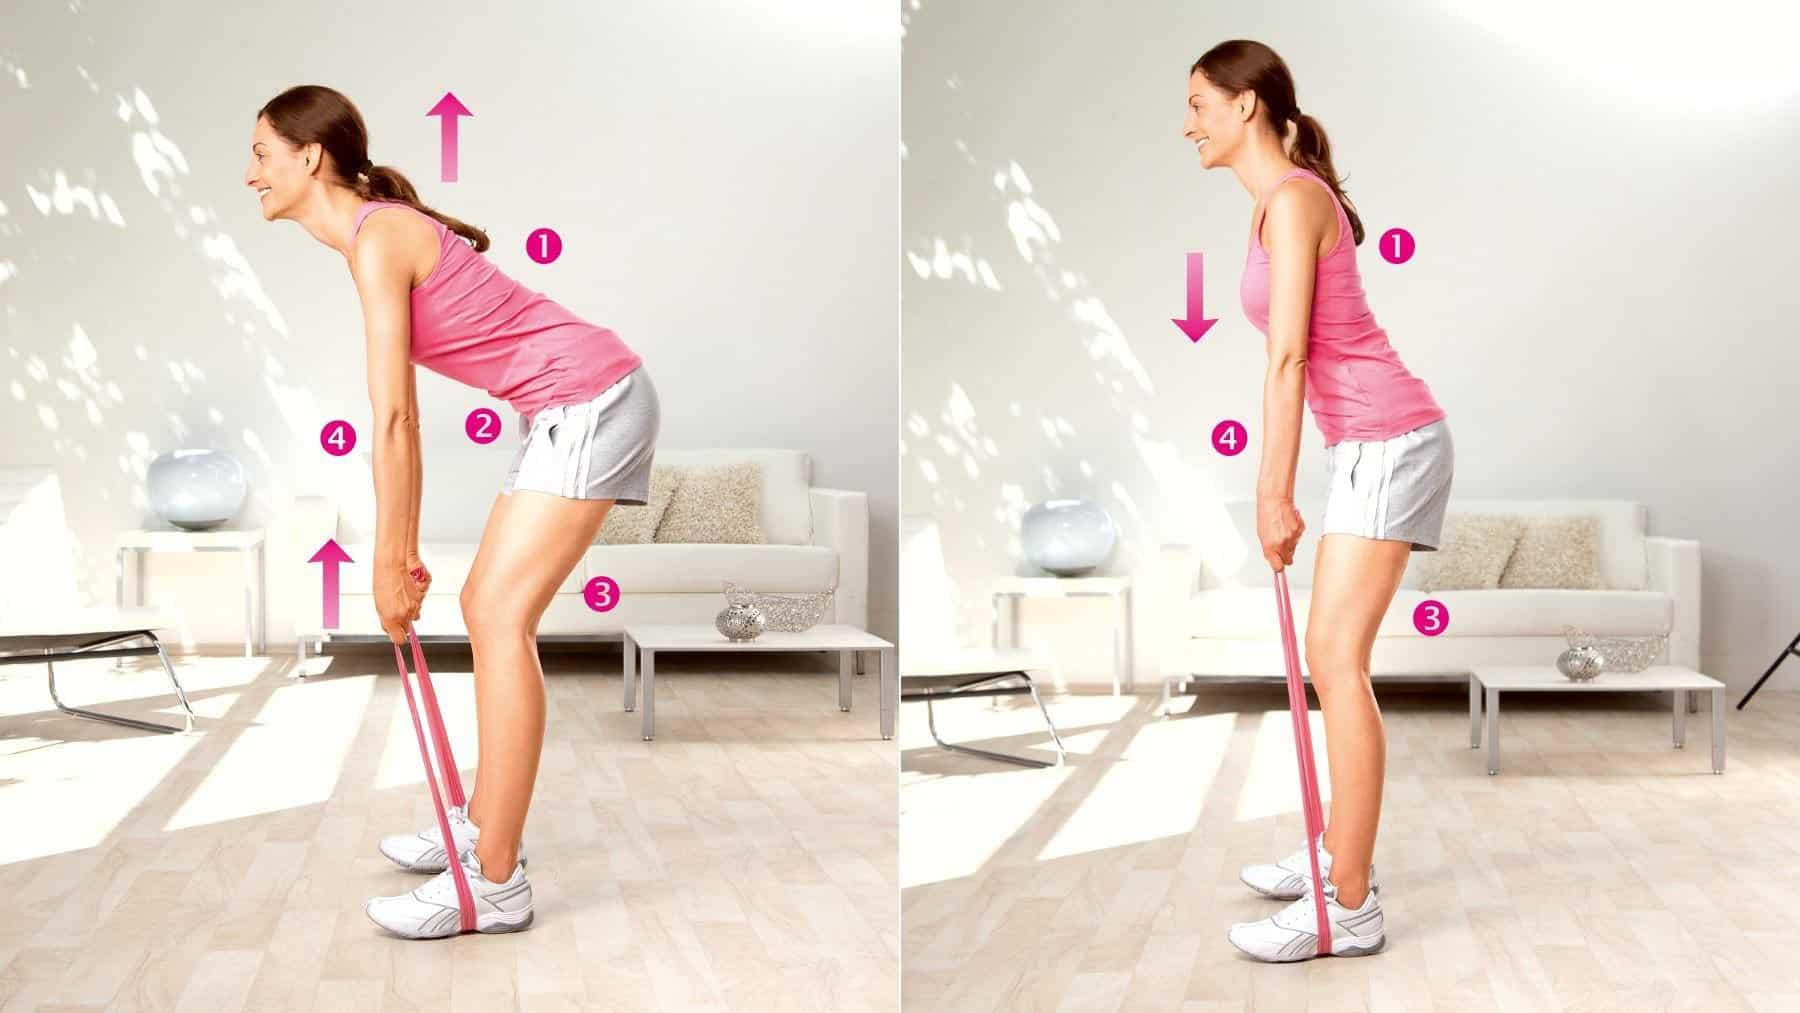 Extension du tronc - entraînement des muscles du bas du dos